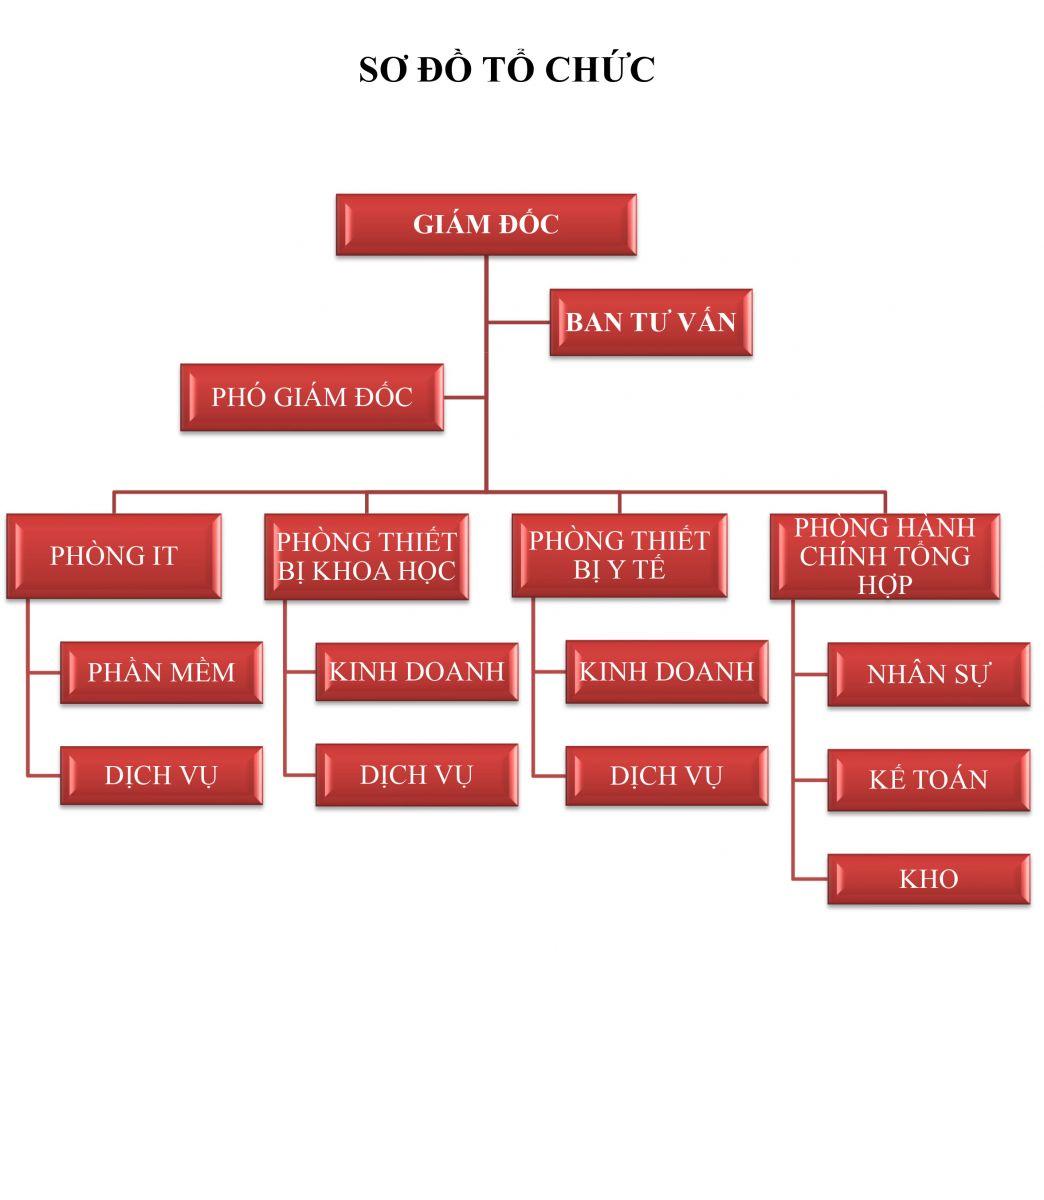 sơ đồ tổ chức công ty Thiên Phúc